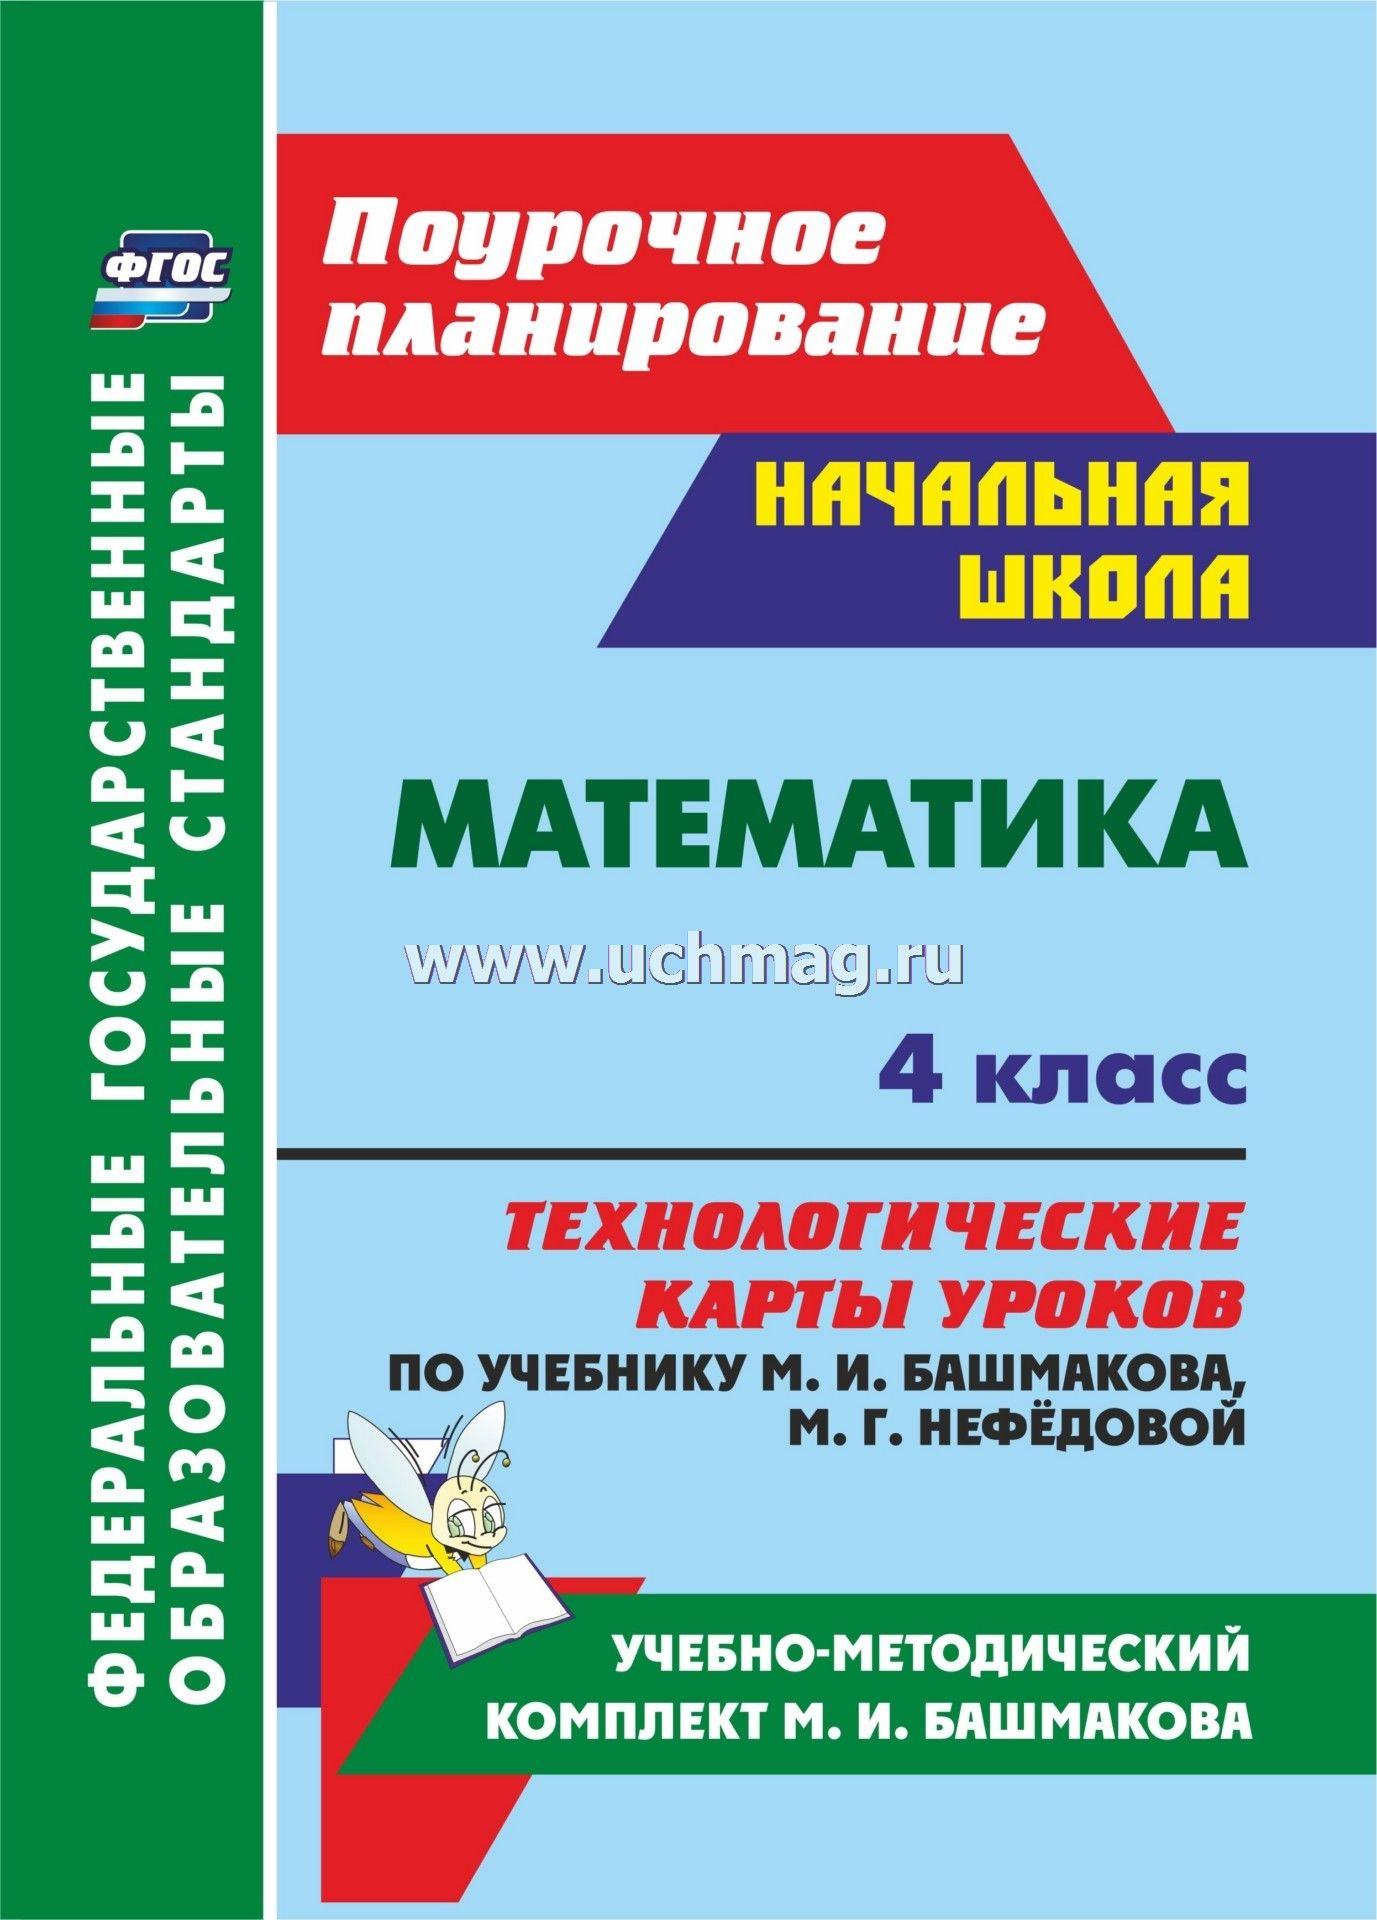 Скачать карту украины для навигатора бесплатно 2016